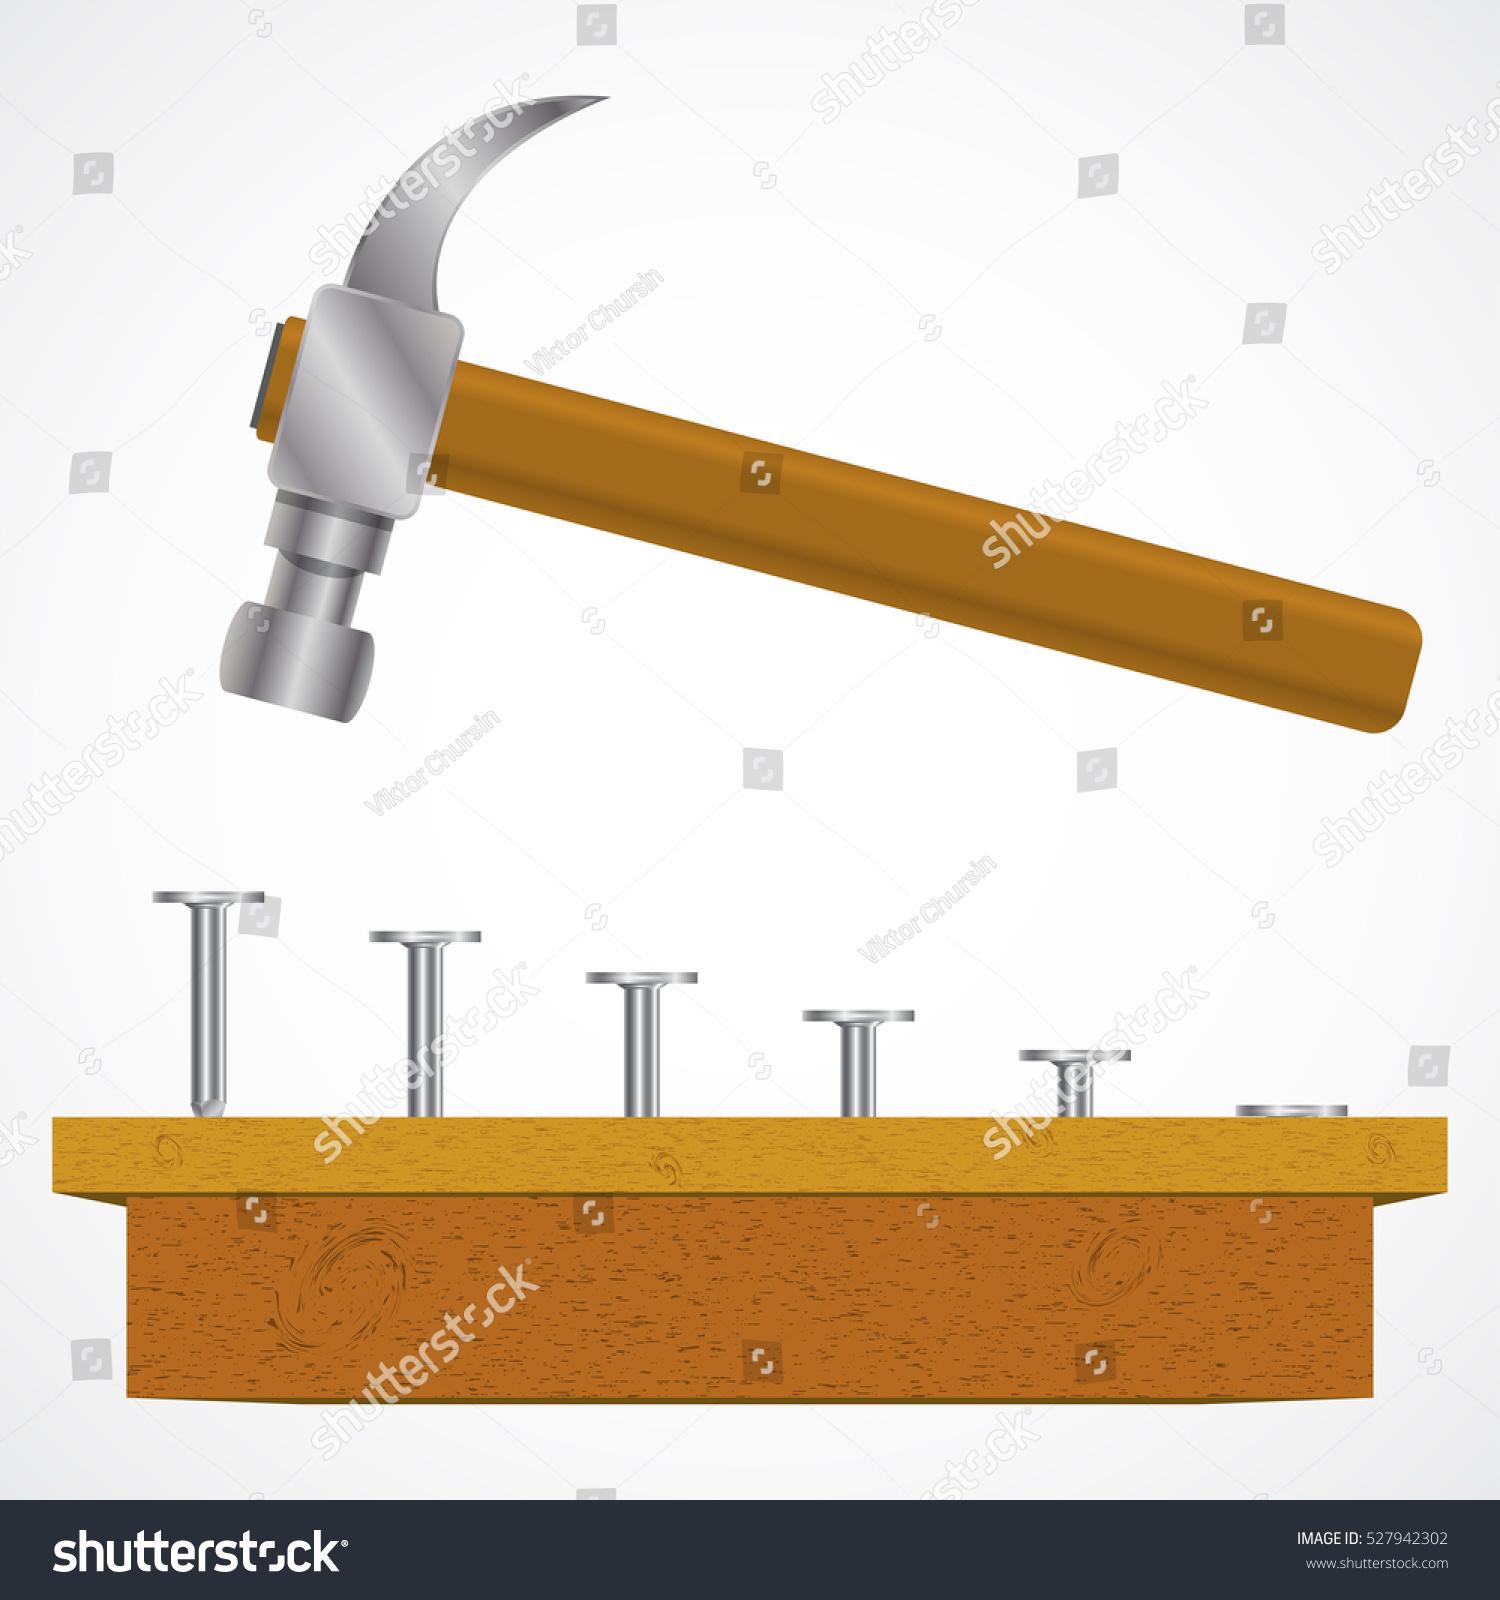 Vector Illustration Hammer: Hammer Nails Wood Planks Vector Illustration Stock Vector